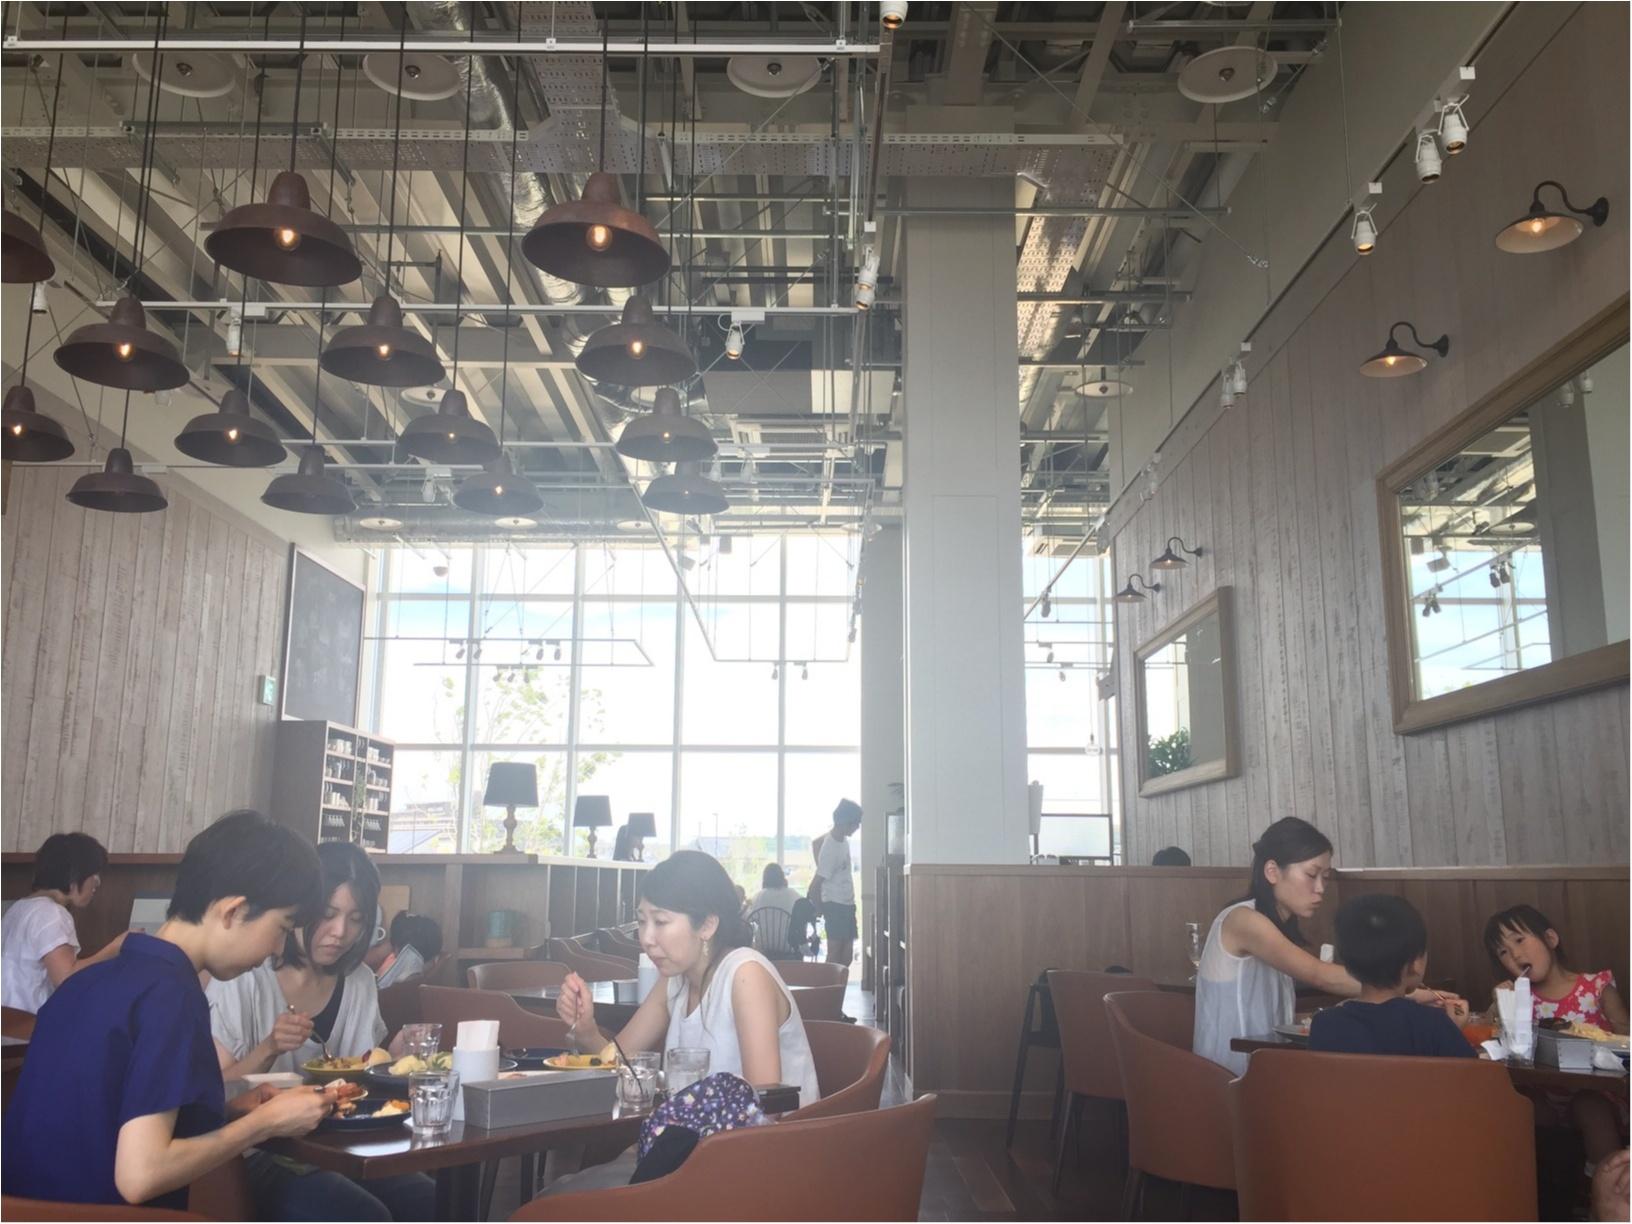 湘南のお洒落スポット『蔦屋書店』は、湘南らしいライフスタイルを提案する文化複合施設✨≪samenyan≫_10